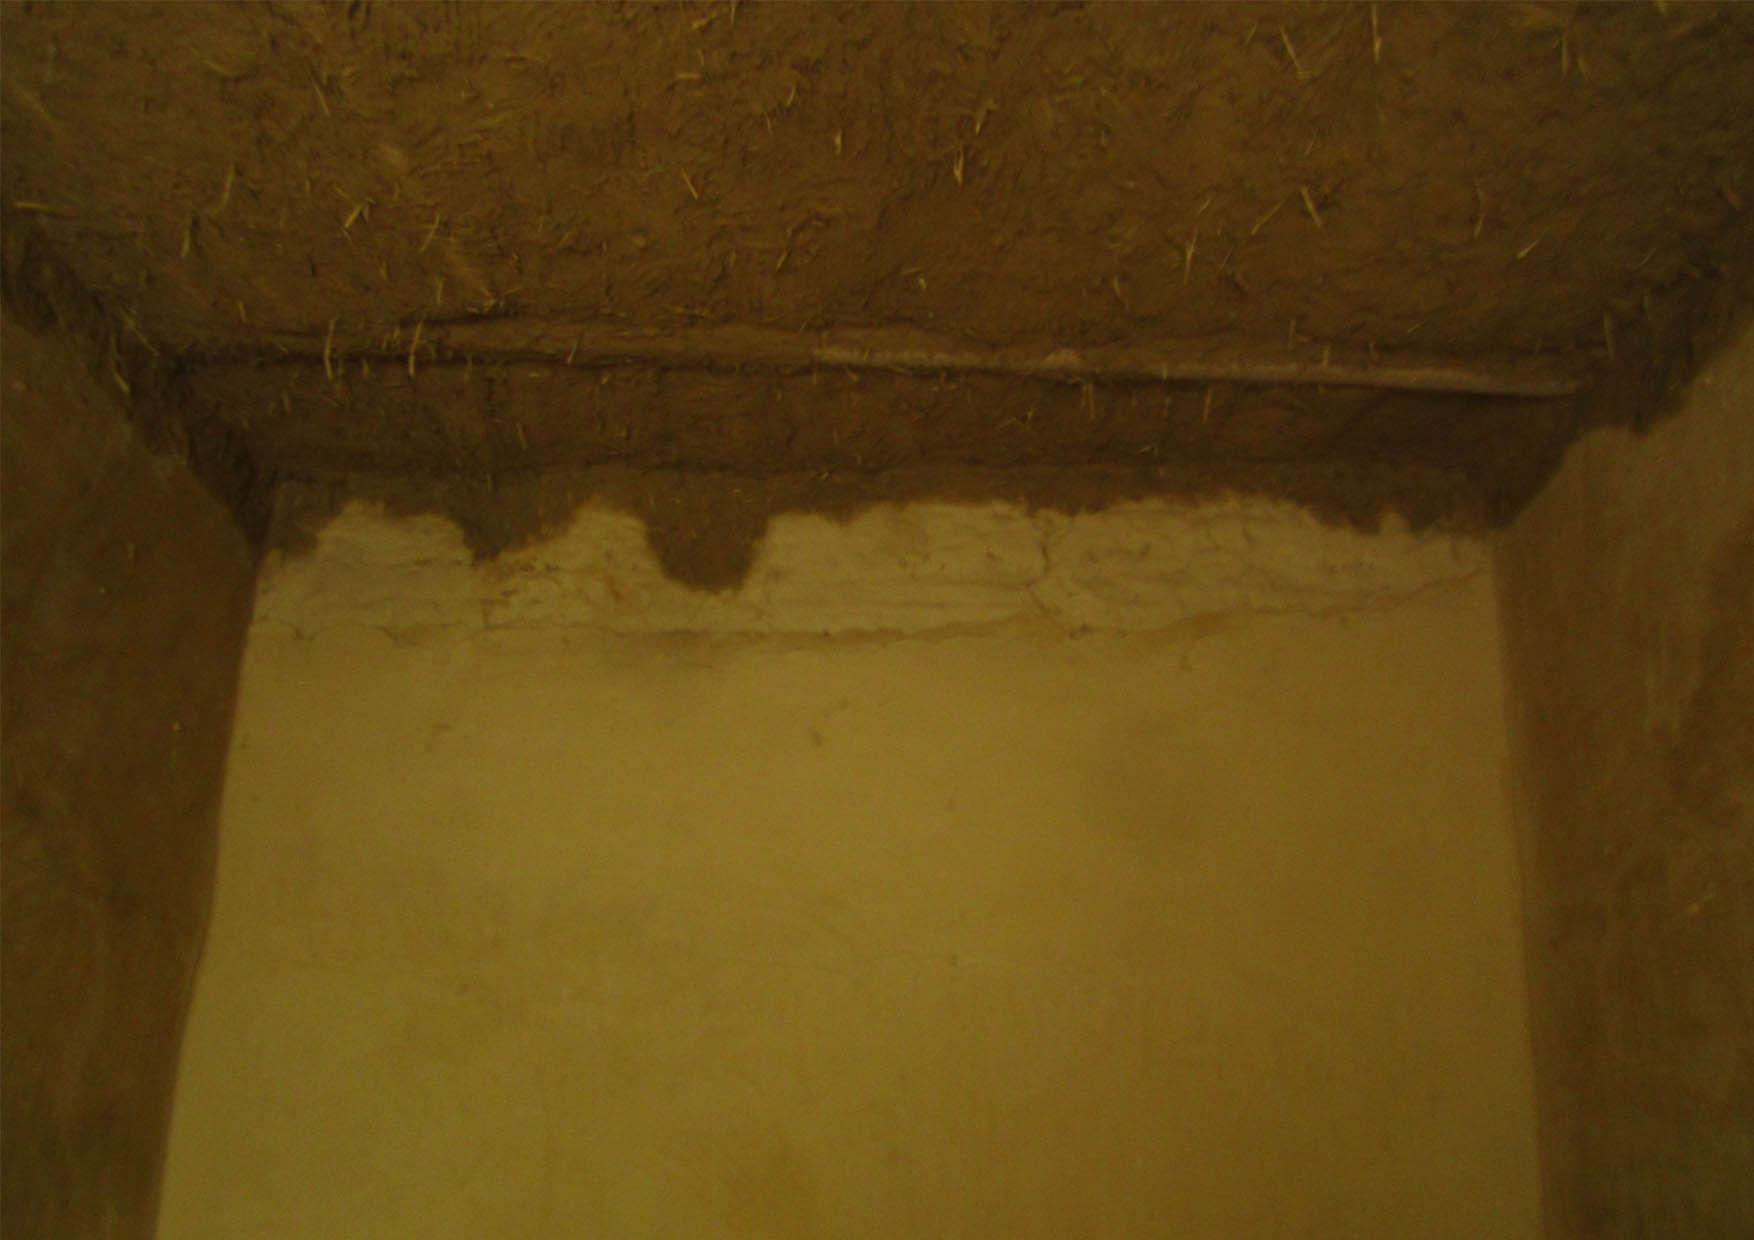 36 hrvatska batina radionica tavanica u Vinkovoj sobi